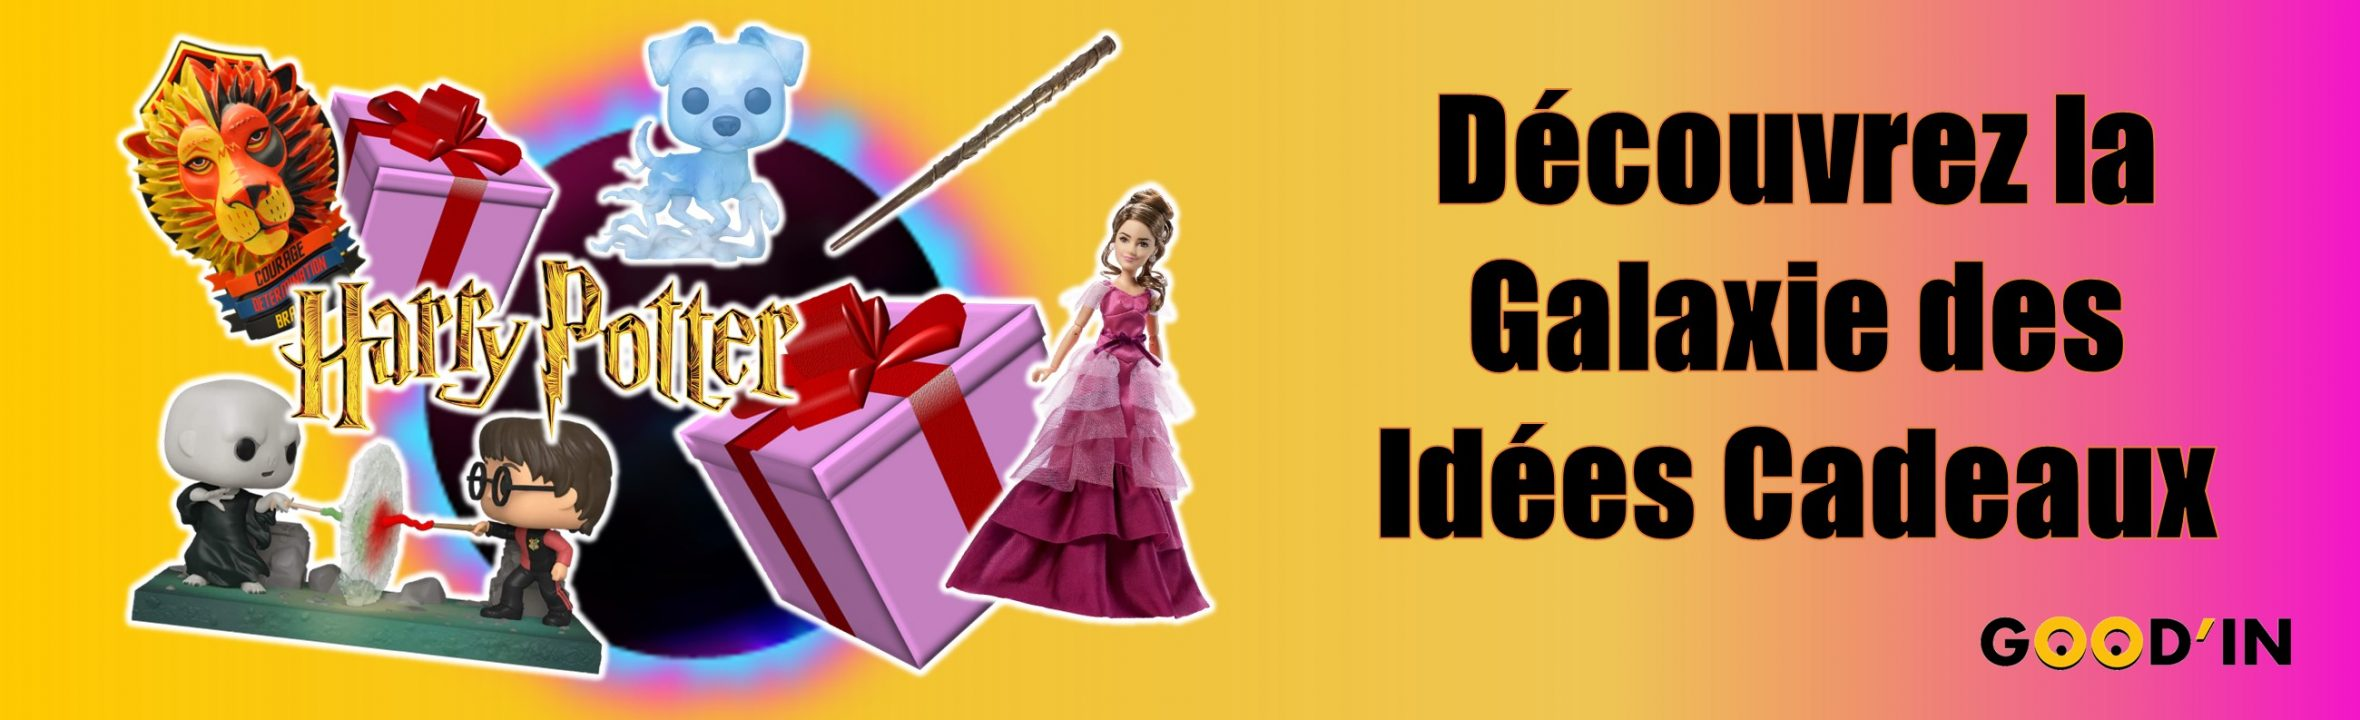 galaxie des idées cadeaux Harry Potter Goodin shop